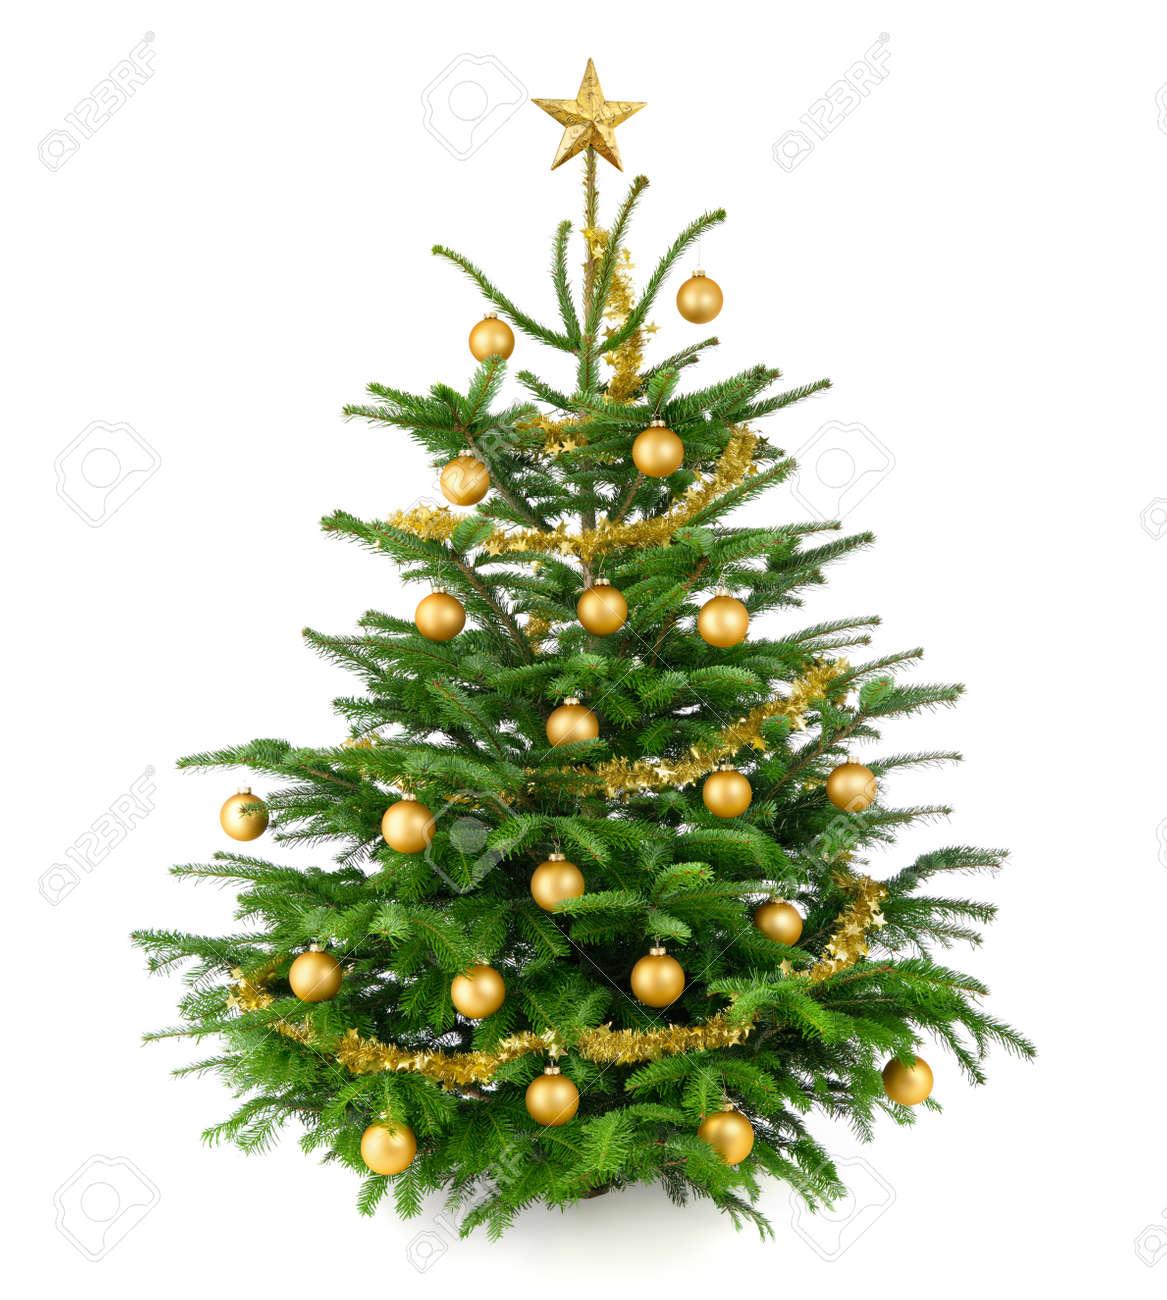 clean foto de estudio de un muy bonito rbol de navidad natural decorado con objetos